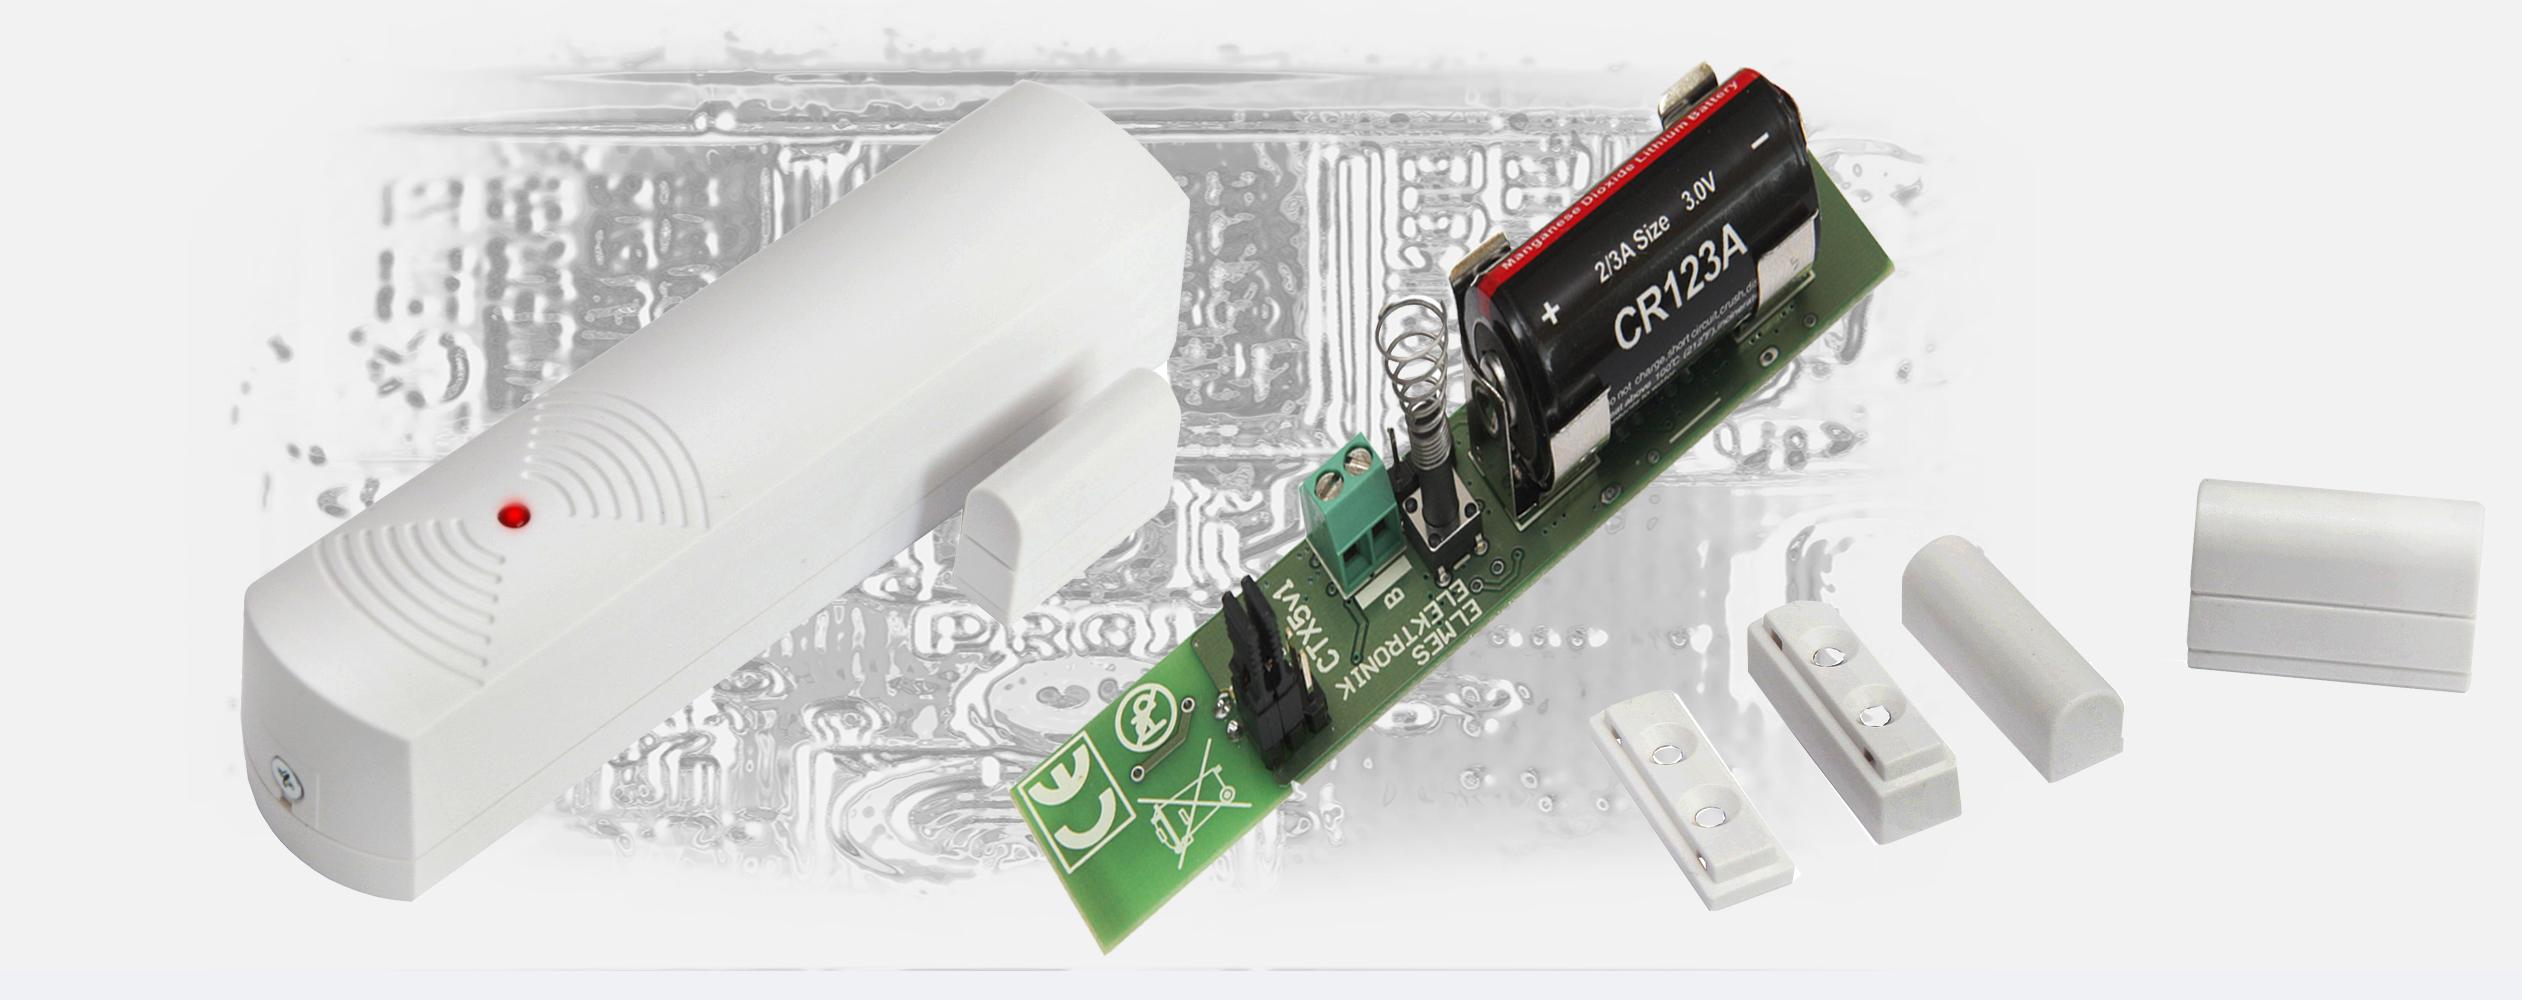 Bezprzewodowy magnetyczny detektor otwarcia i zamknięcia zasilany bat. 3V CR123A.